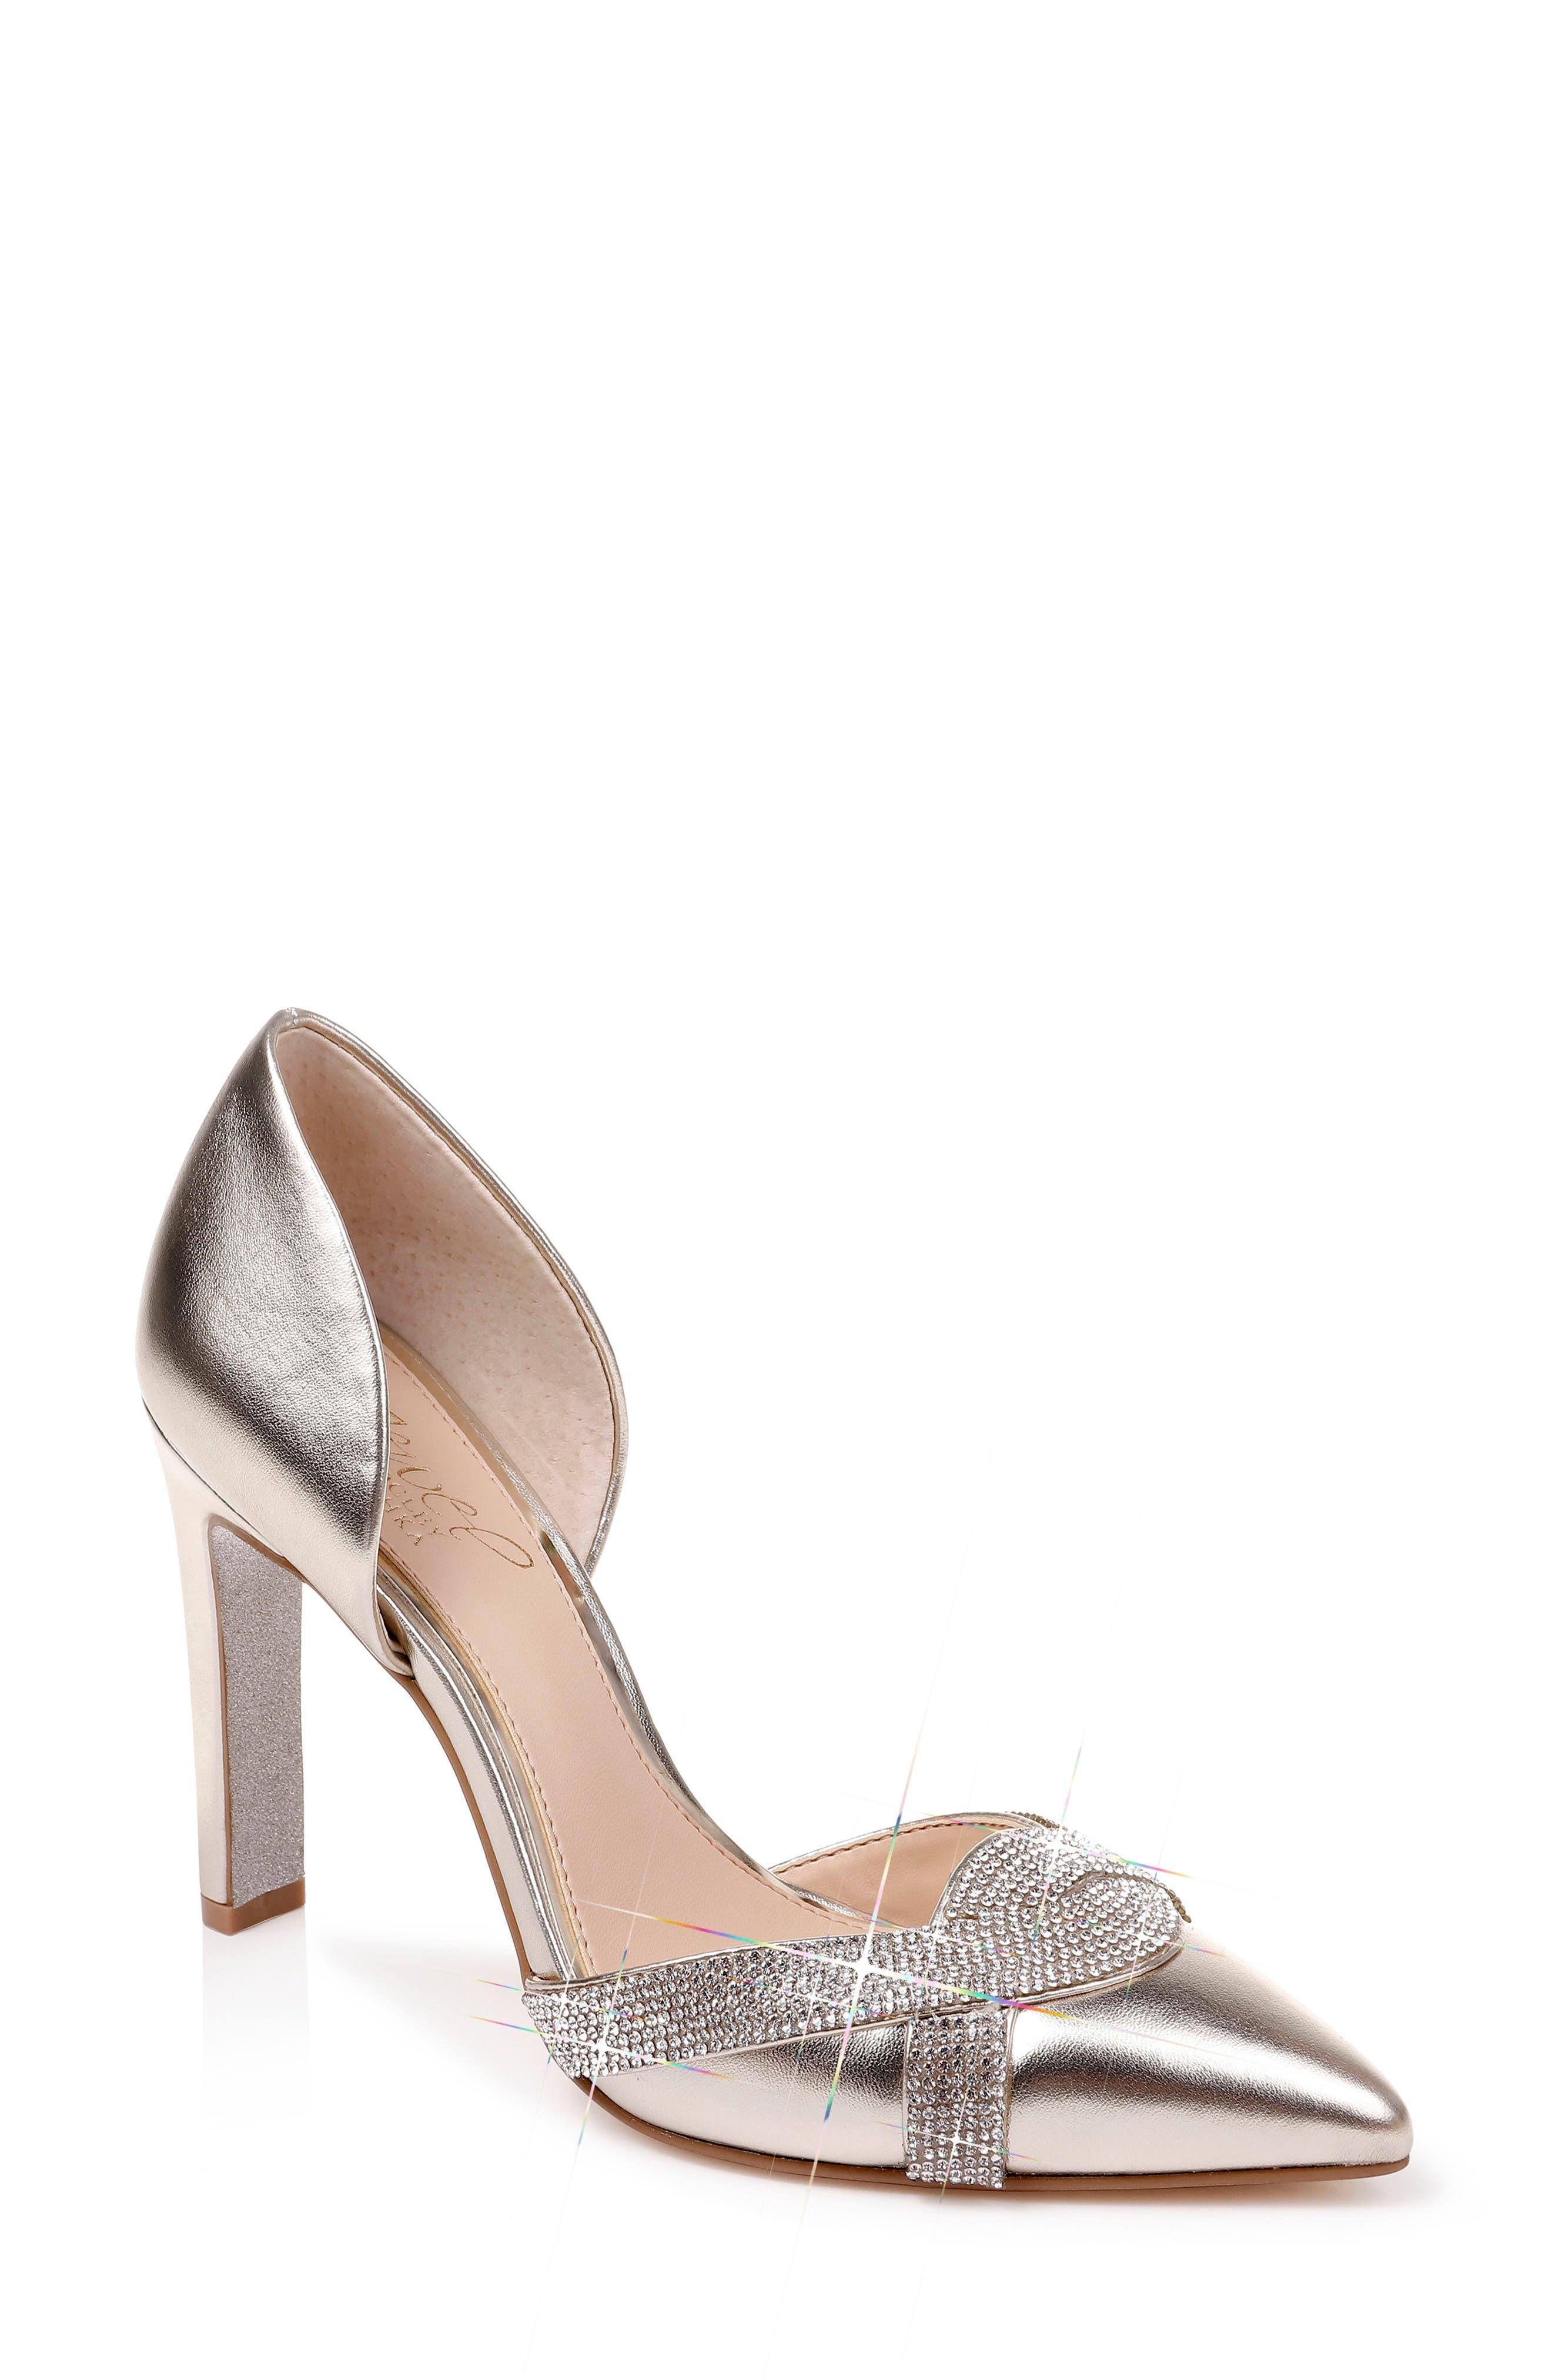 Jewel Badgley Mischka Sedona Crystal Embellished d'Orsay Pump (Women)